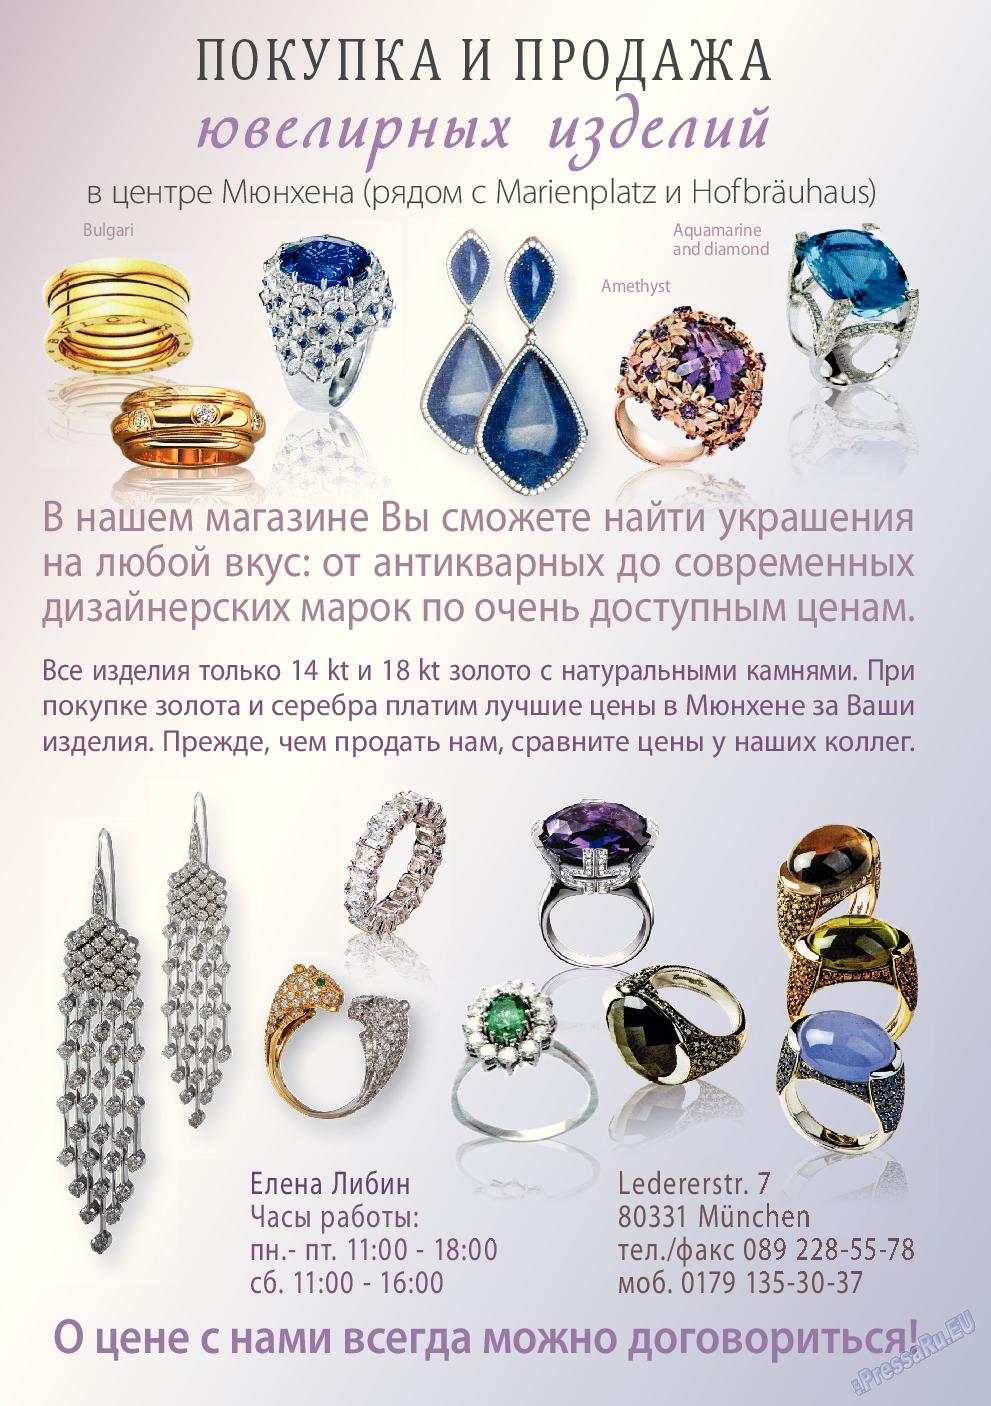 Апельсин (журнал). 2014 год, номер 61, стр. 15